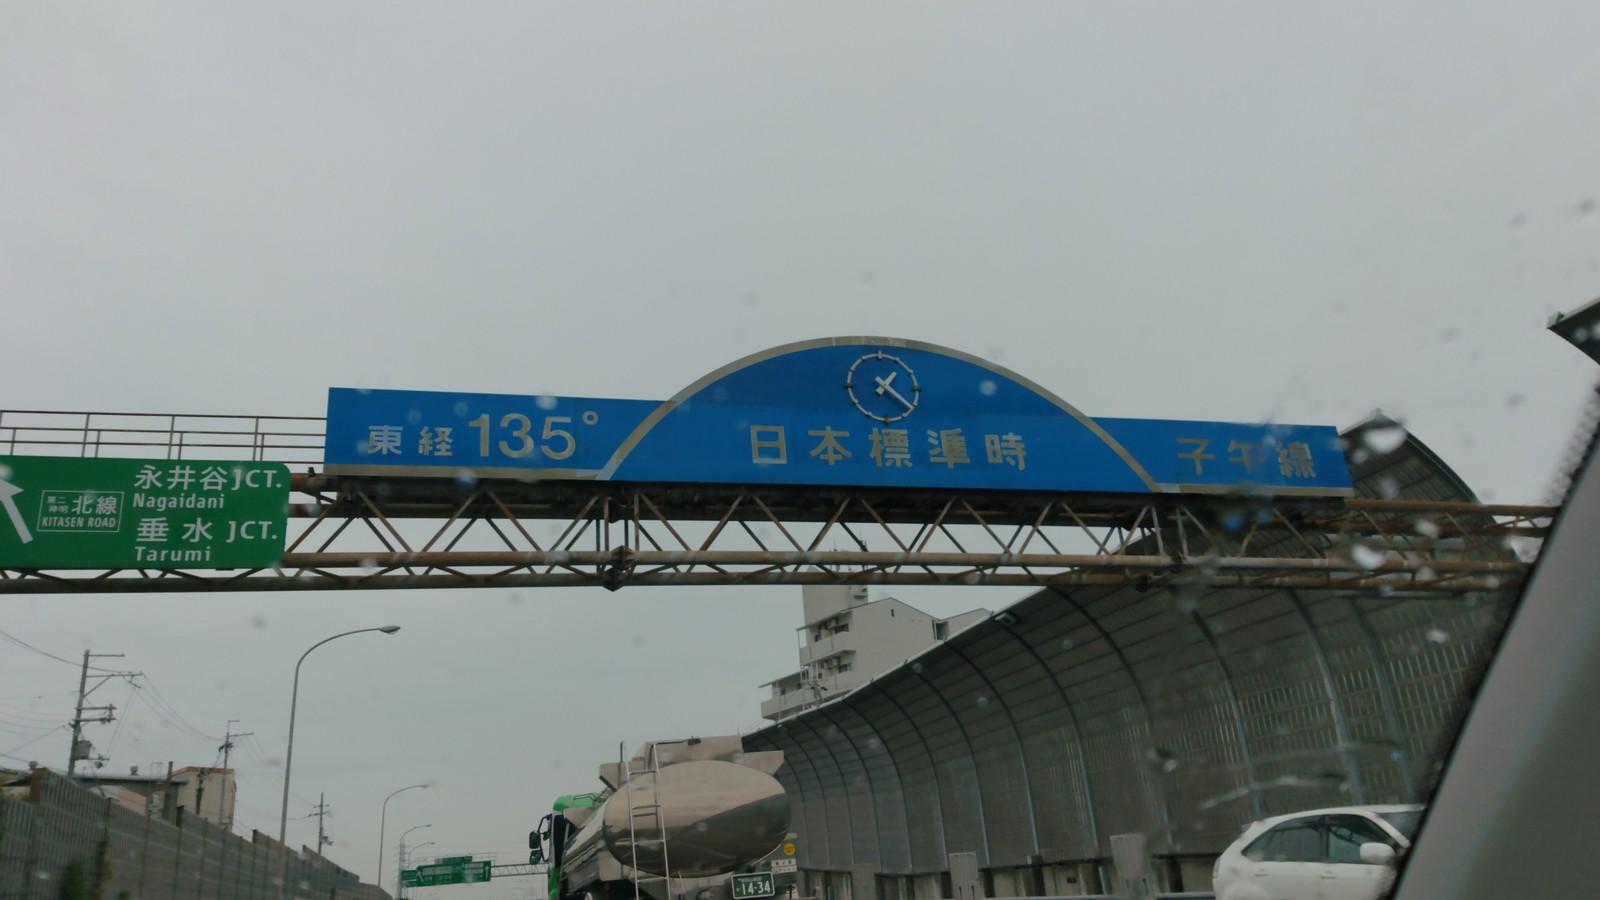 出張報告書 : 日本標準時